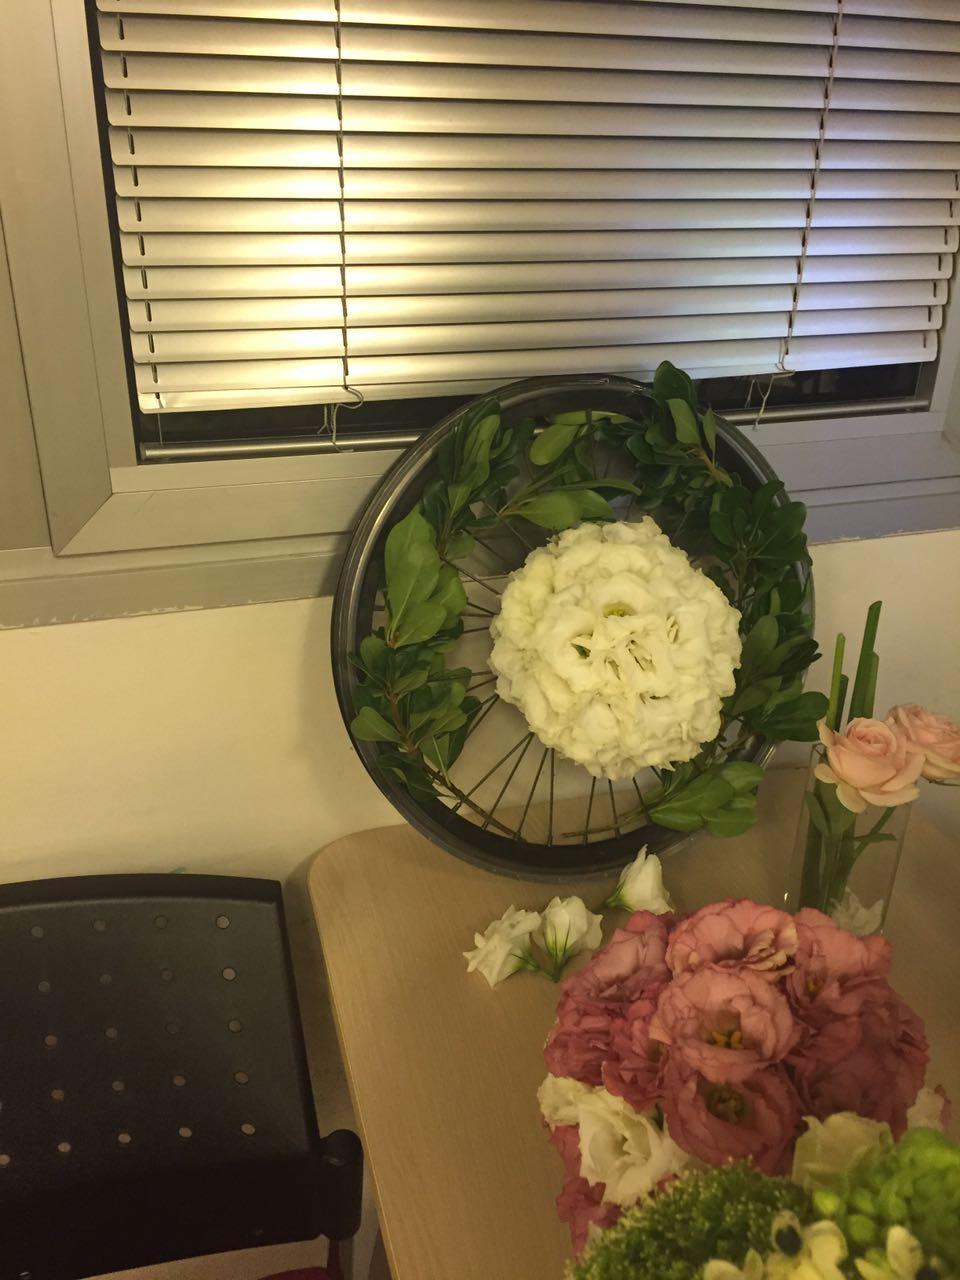 גלרייה - שזירת פרחים - קורס עיצוב ניהול והפקת אירועים מחזור 15, 13 מתוך 22